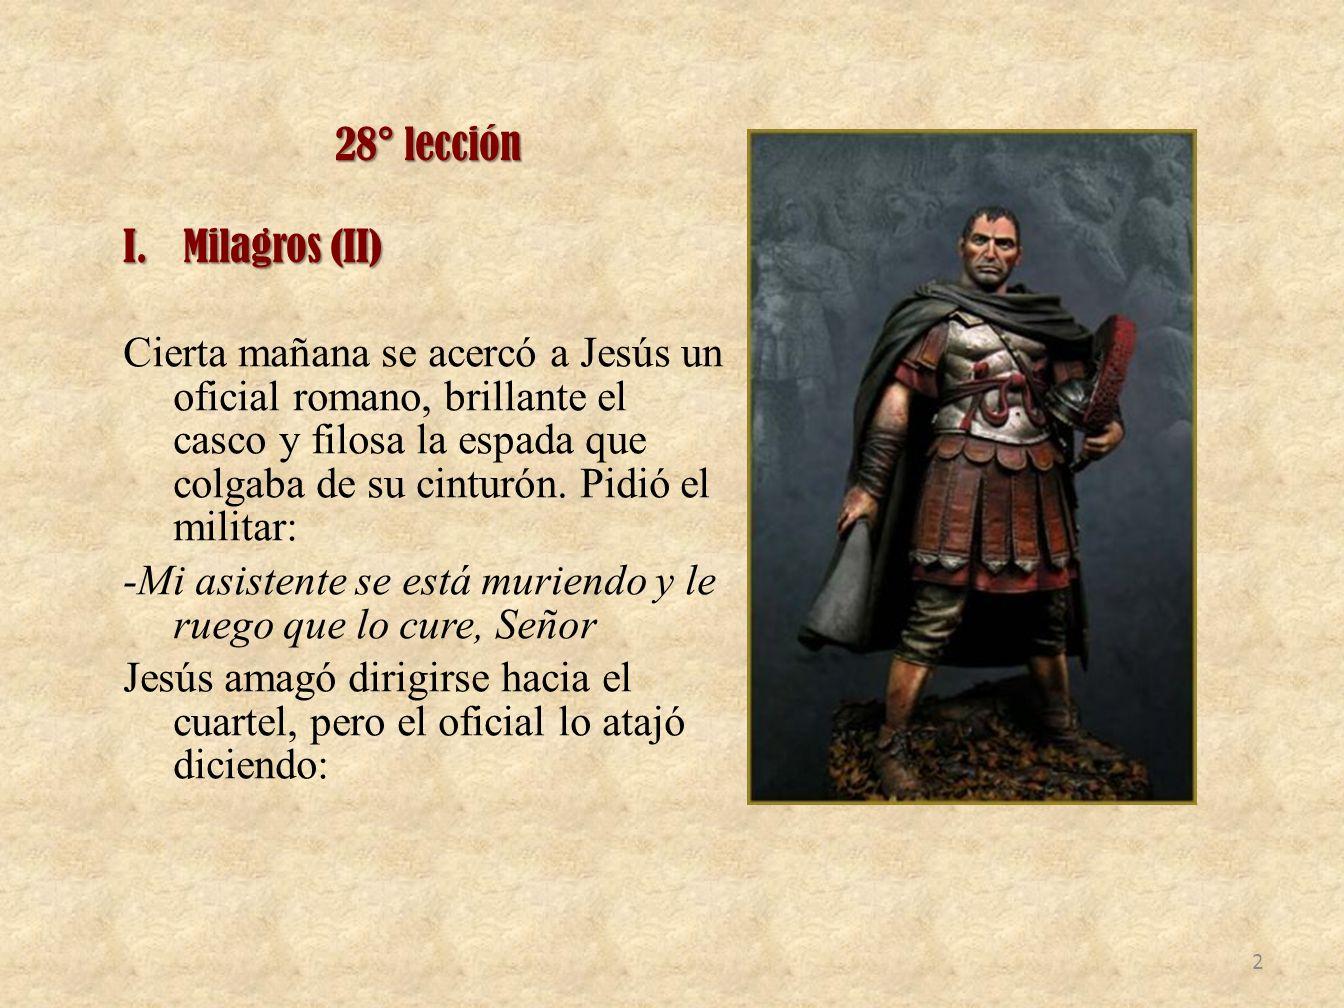 28° lección I.Milagros (II) Cierta mañana se acercó a Jesús un oficial romano, brillante el casco y filosa la espada que colgaba de su cinturón. Pidió